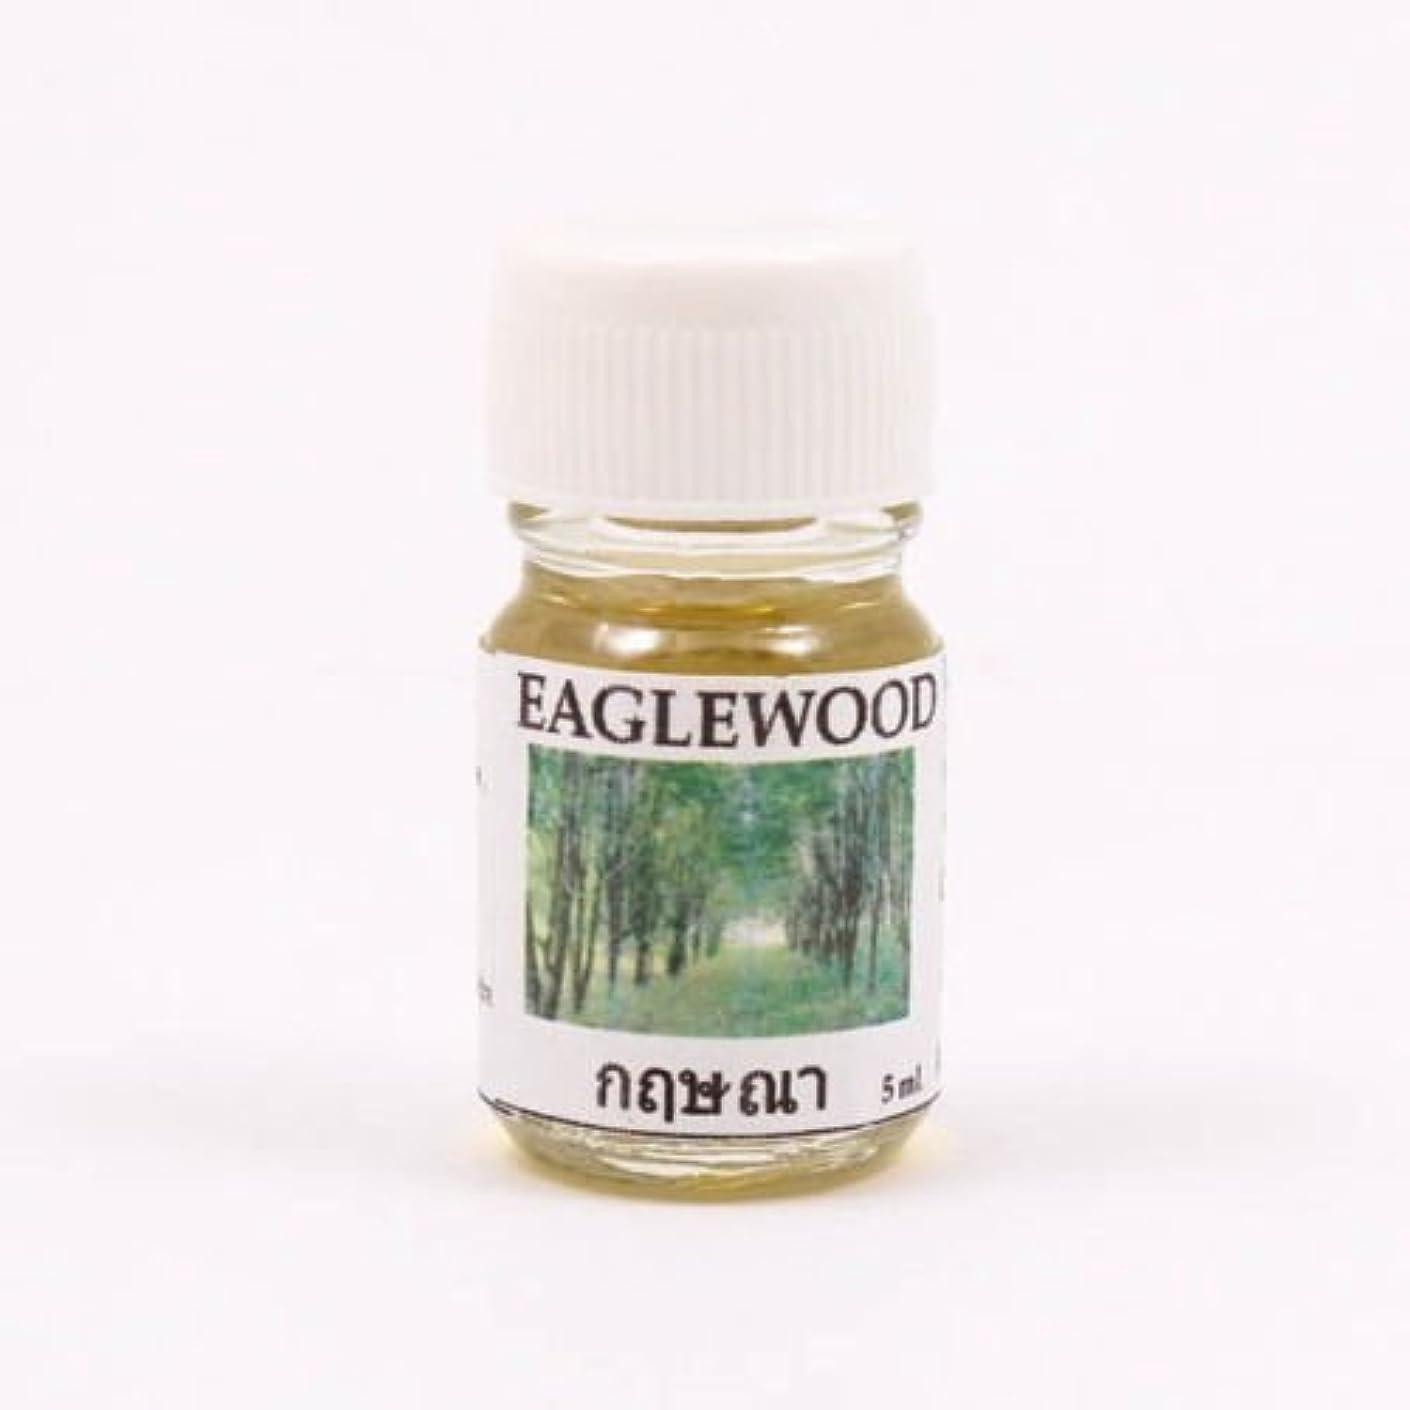 鋸歯状死ぬ初期6X Eagle Wood Aroma Fragrance Essential Oil 5ML. Diffuser Burner Therapy